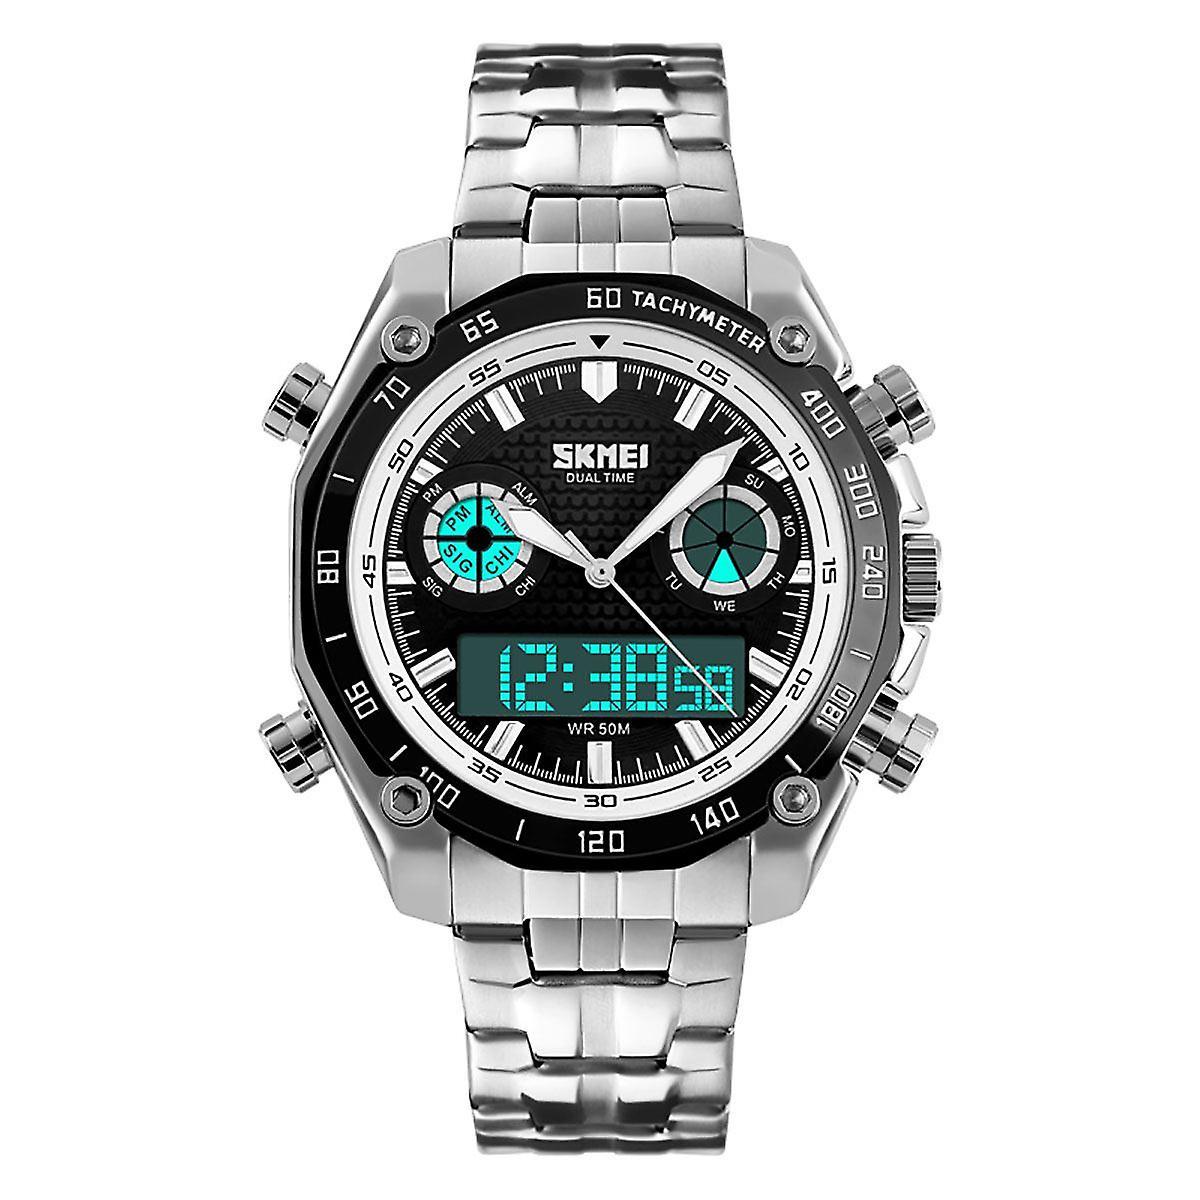 ステンレス鋼ストラップ AD1204 と SKMEI メンズ デュアル タイム デジタル アナログ時計